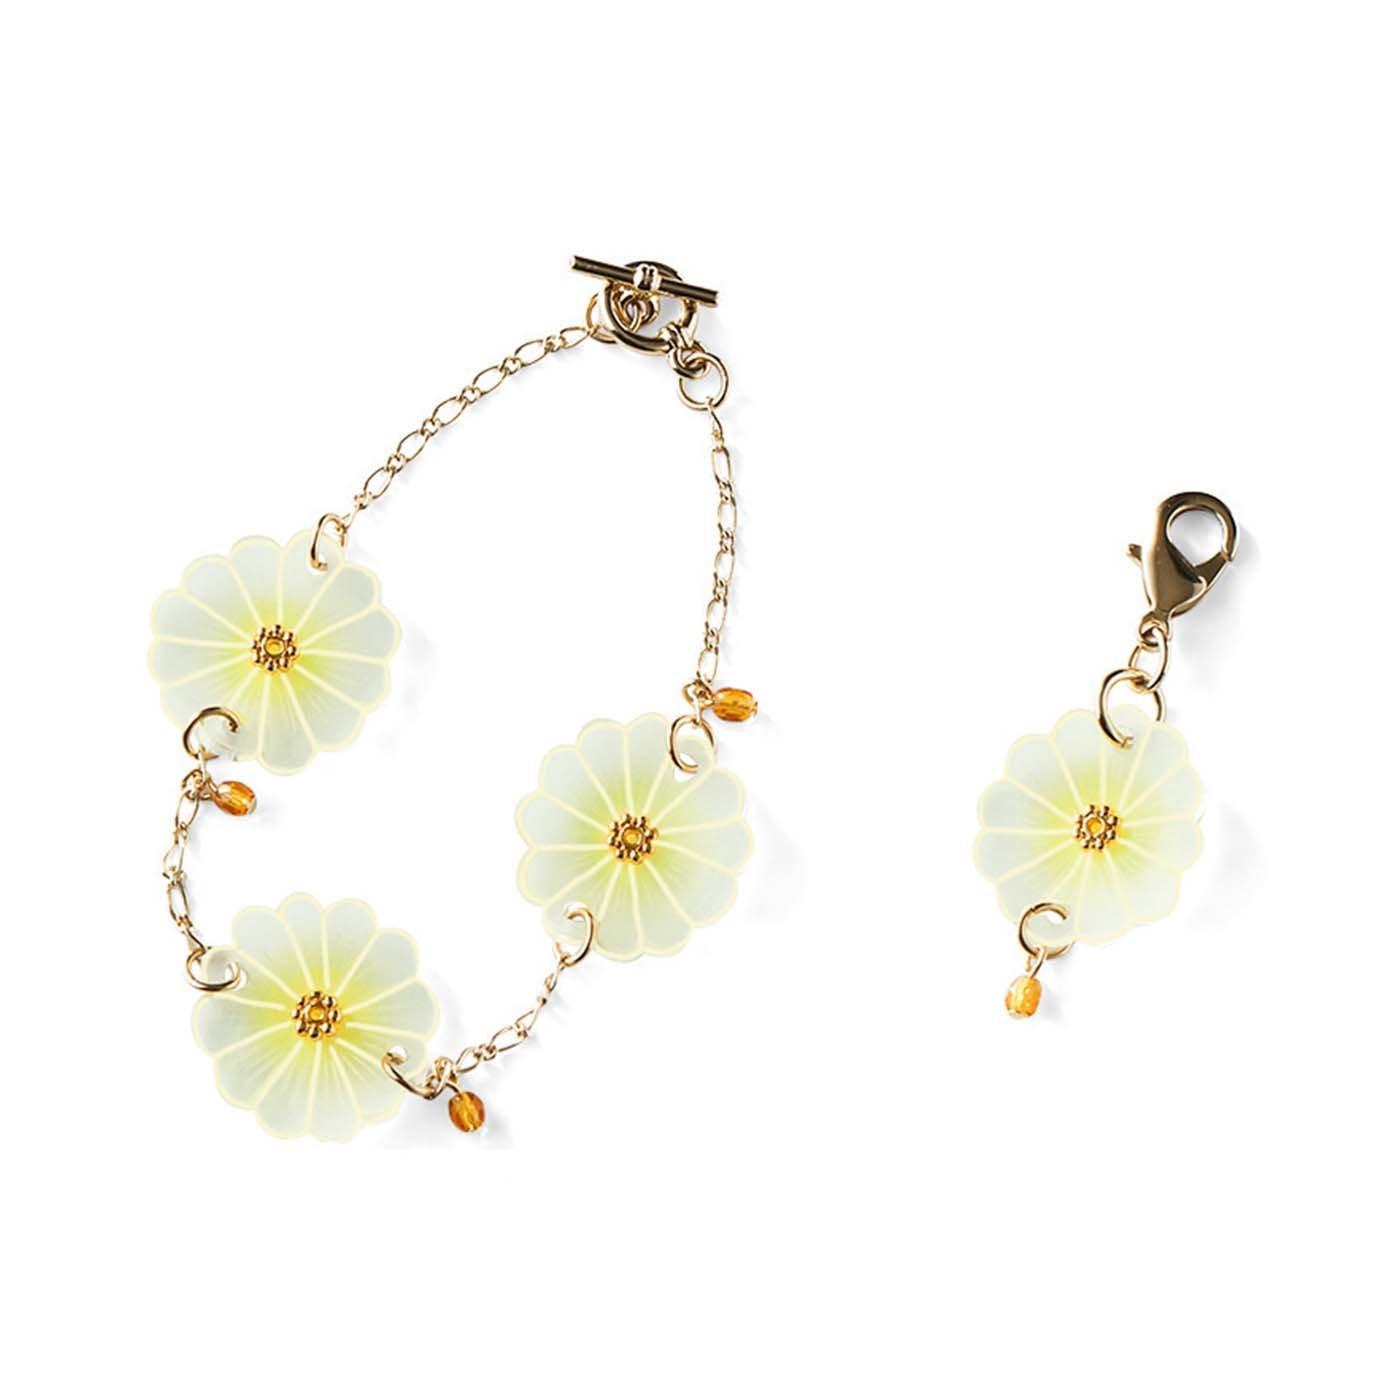 魔法のようにお花が仕上がる 透け感がきれいなプラバンアクセサリー